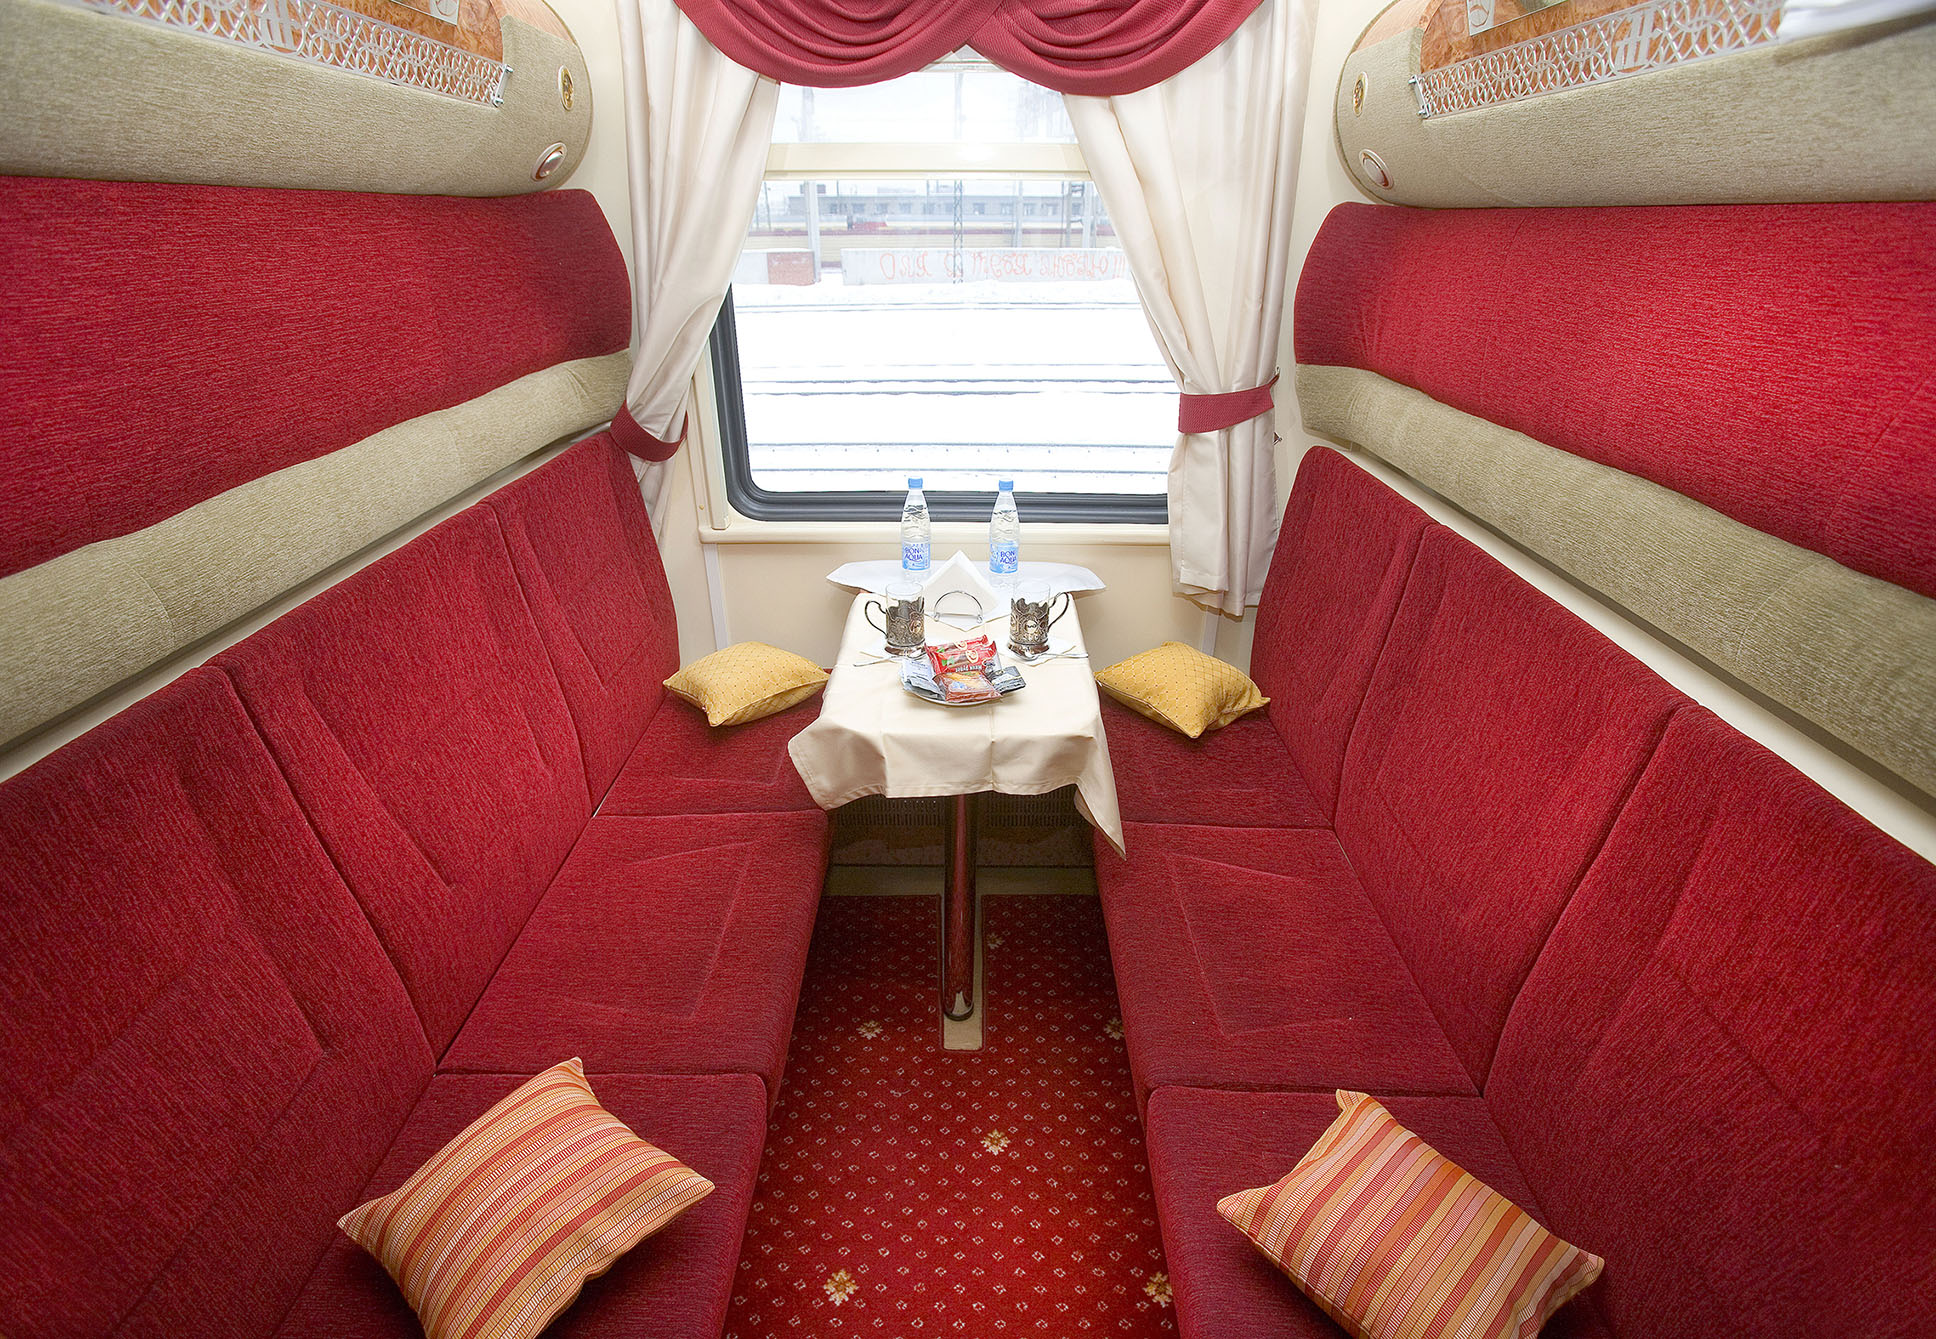 Св: что это за вагон, описание, что входит, услуги, фото и отзывы | zdavnews.ru | zdavnews.ru